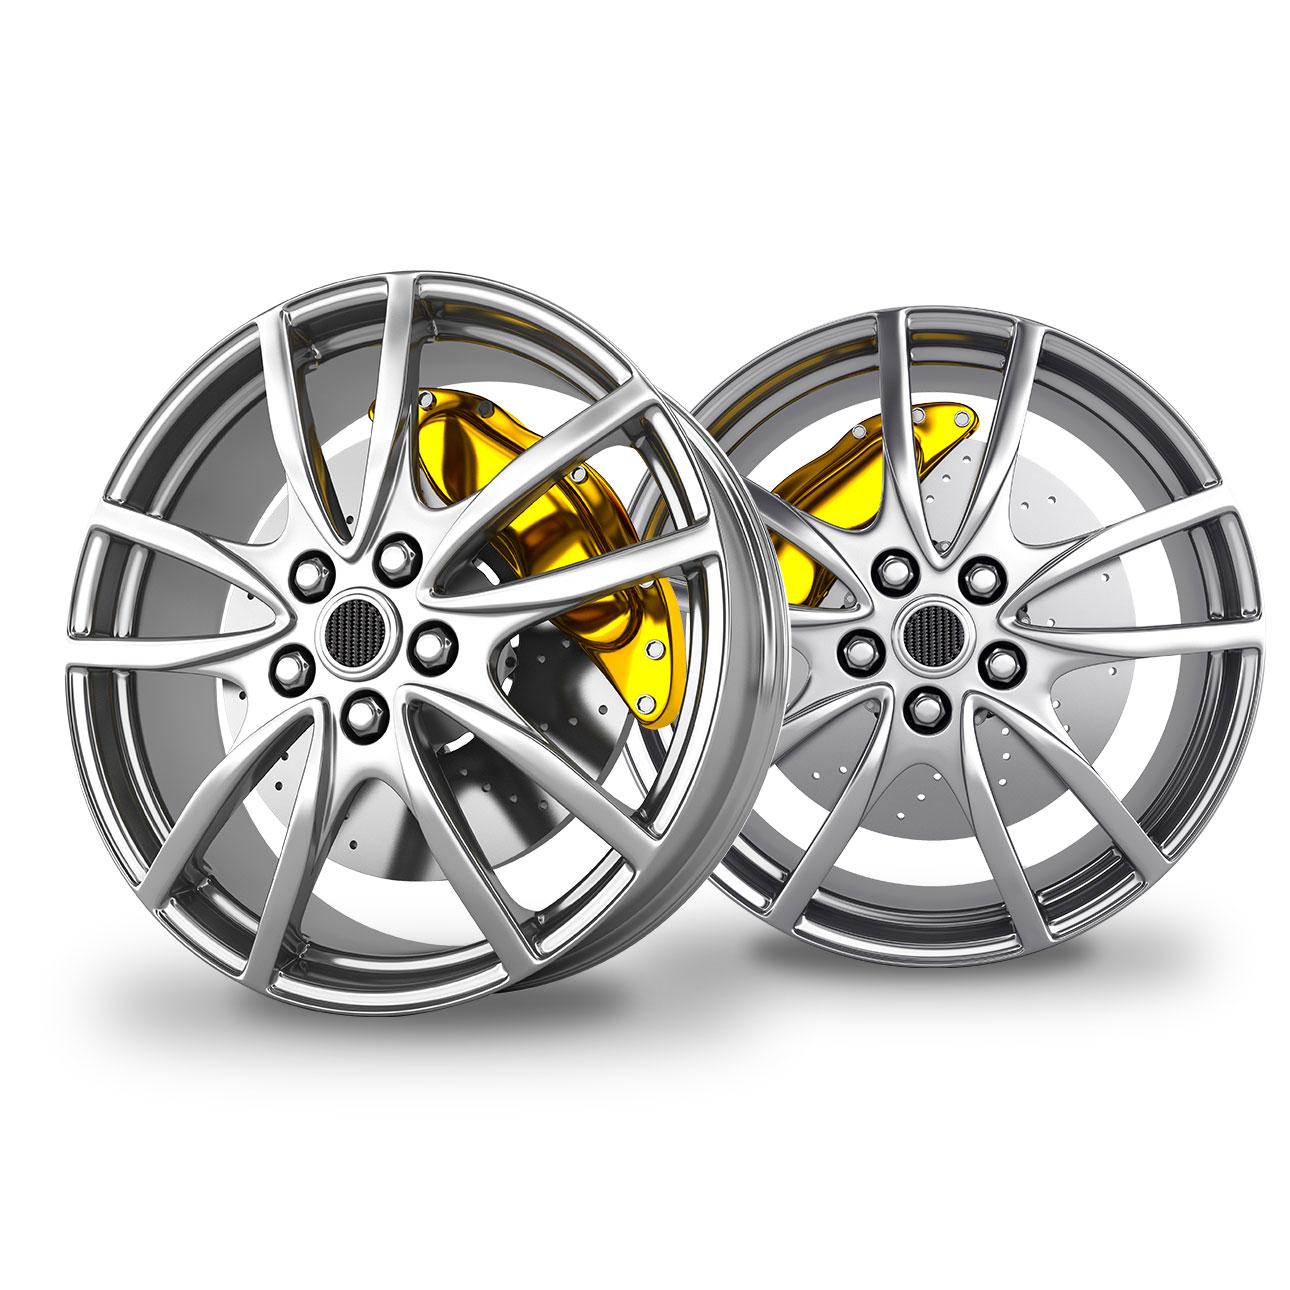 Local Wheel and Rim Repair